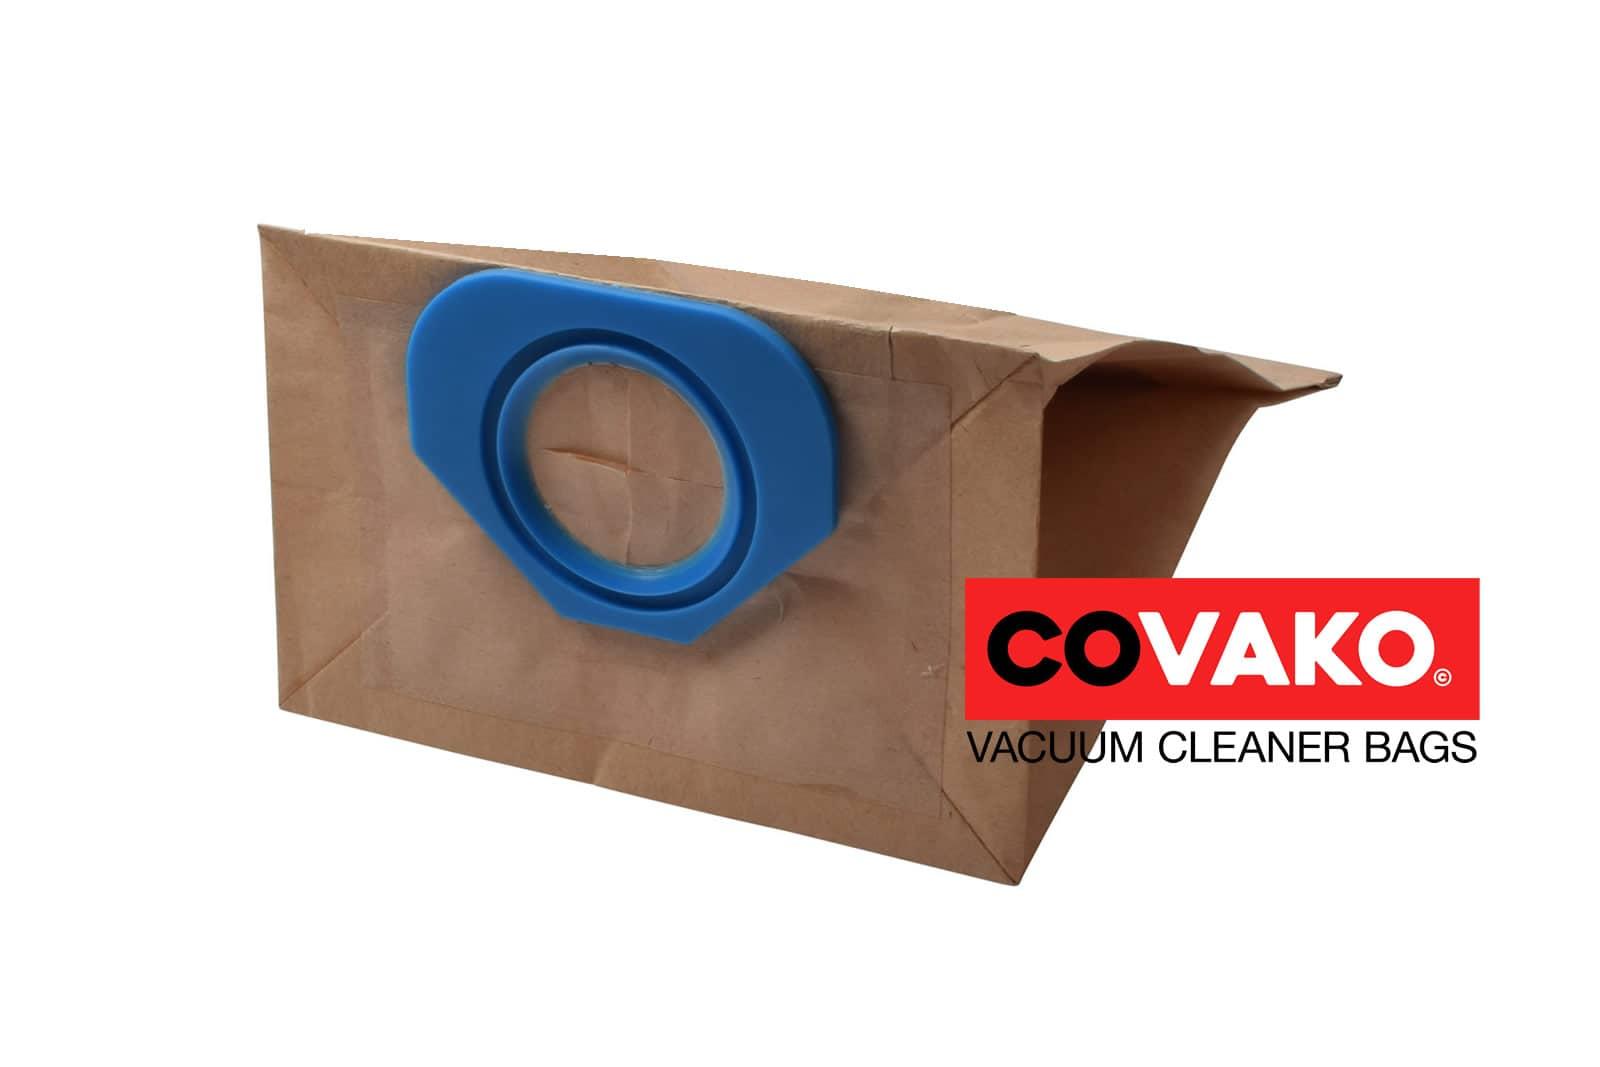 Alto GA 70 / Paper - Alto vacuum cleaner bags